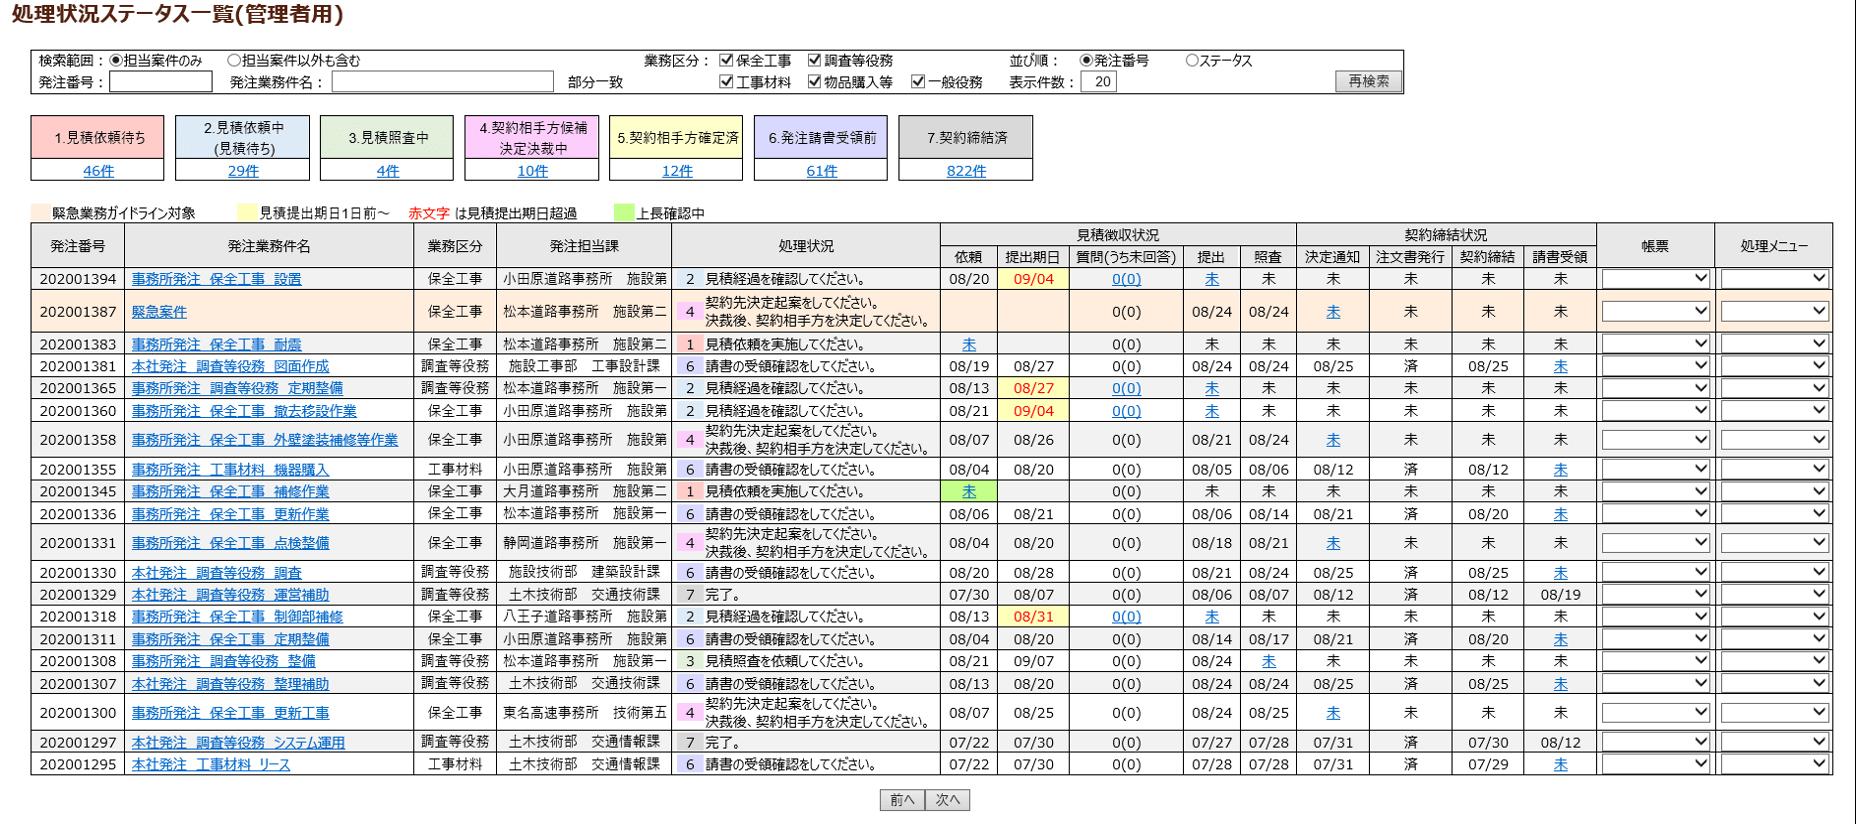 処理状況ステータス画面